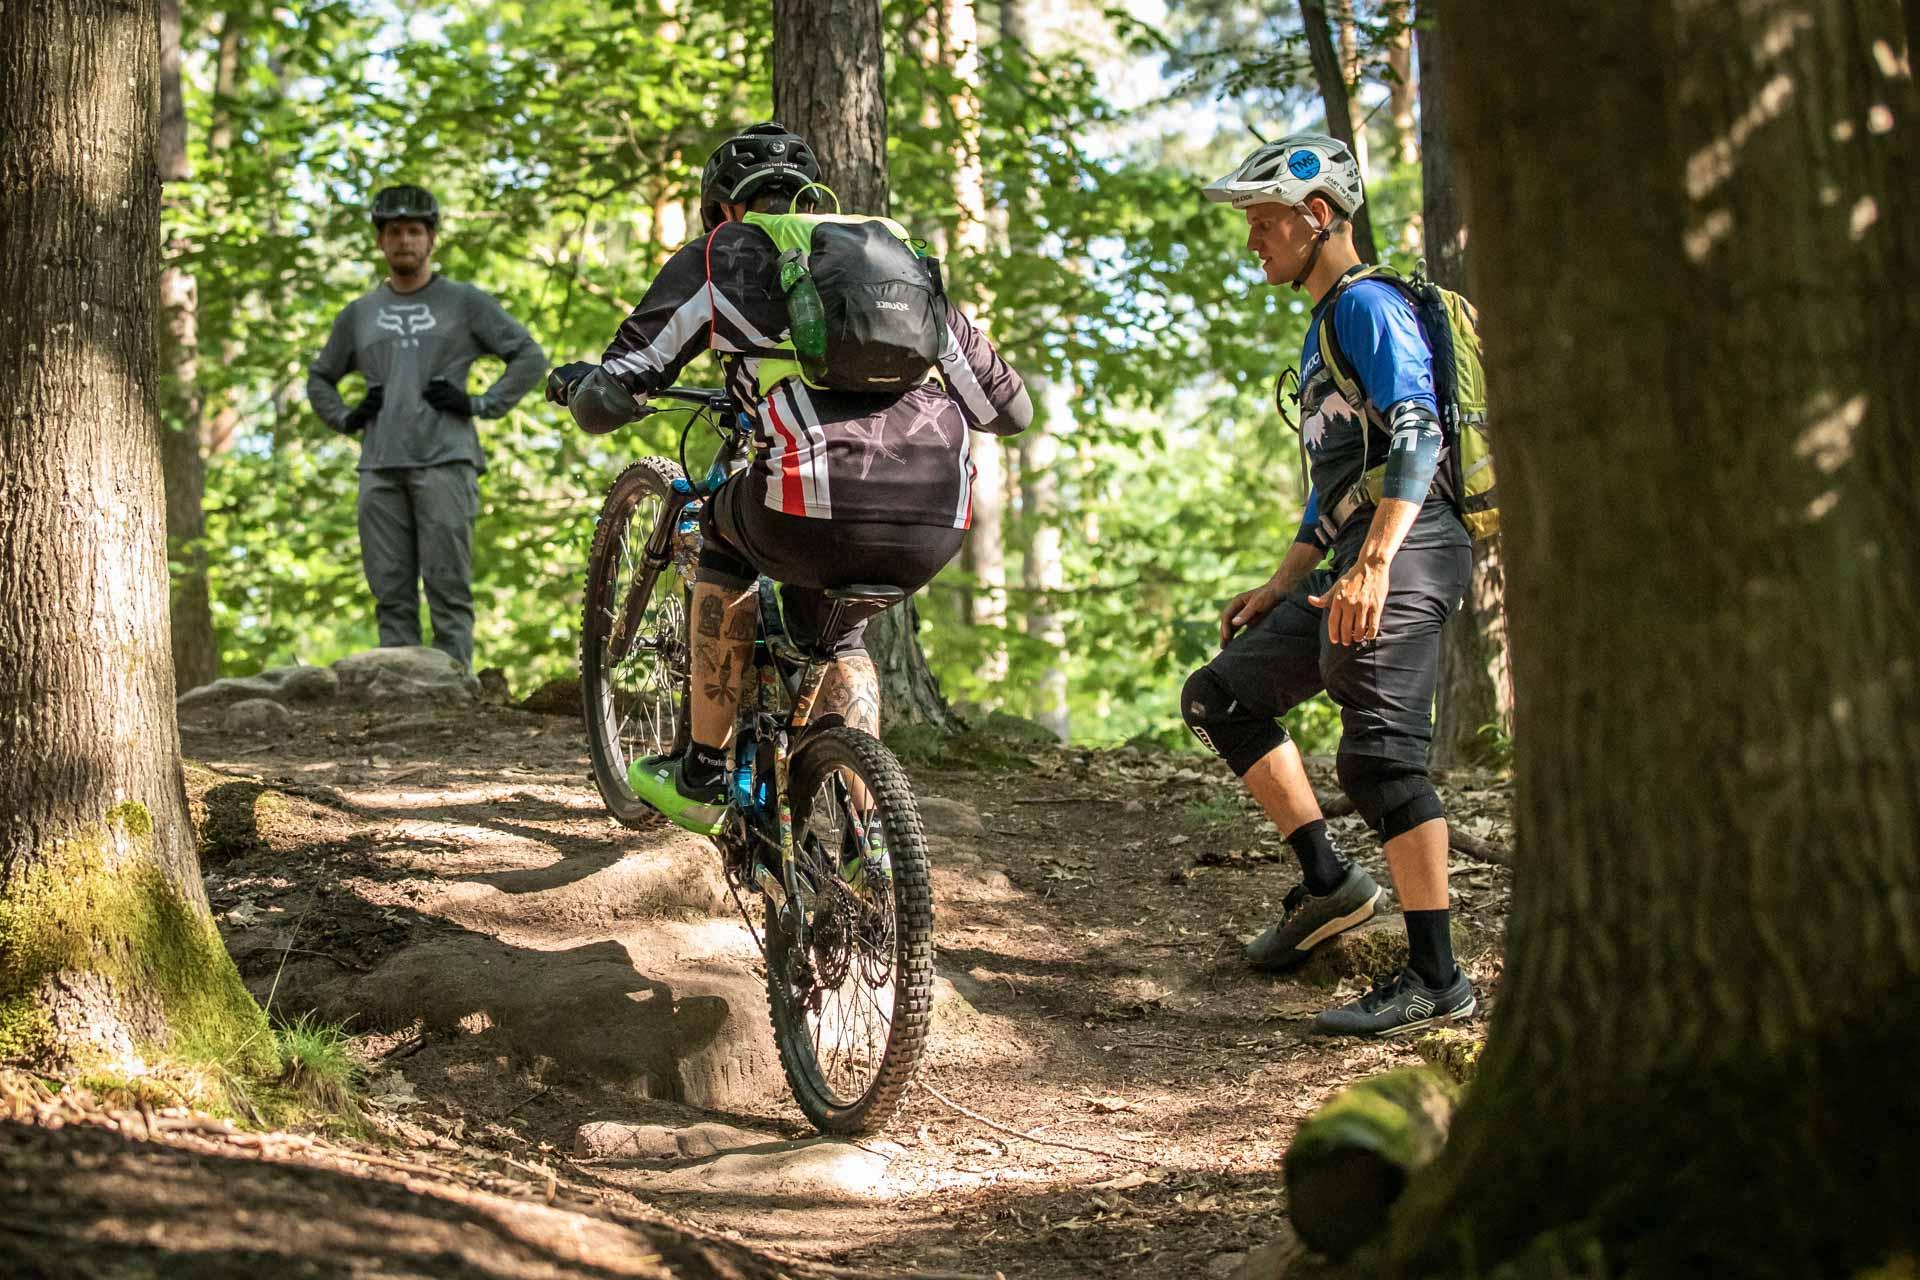 eMTB Fortgeschritten Fahrtechnik Kurs in Bad Orb Spessart - Rock my Trail Bikeschule - 7